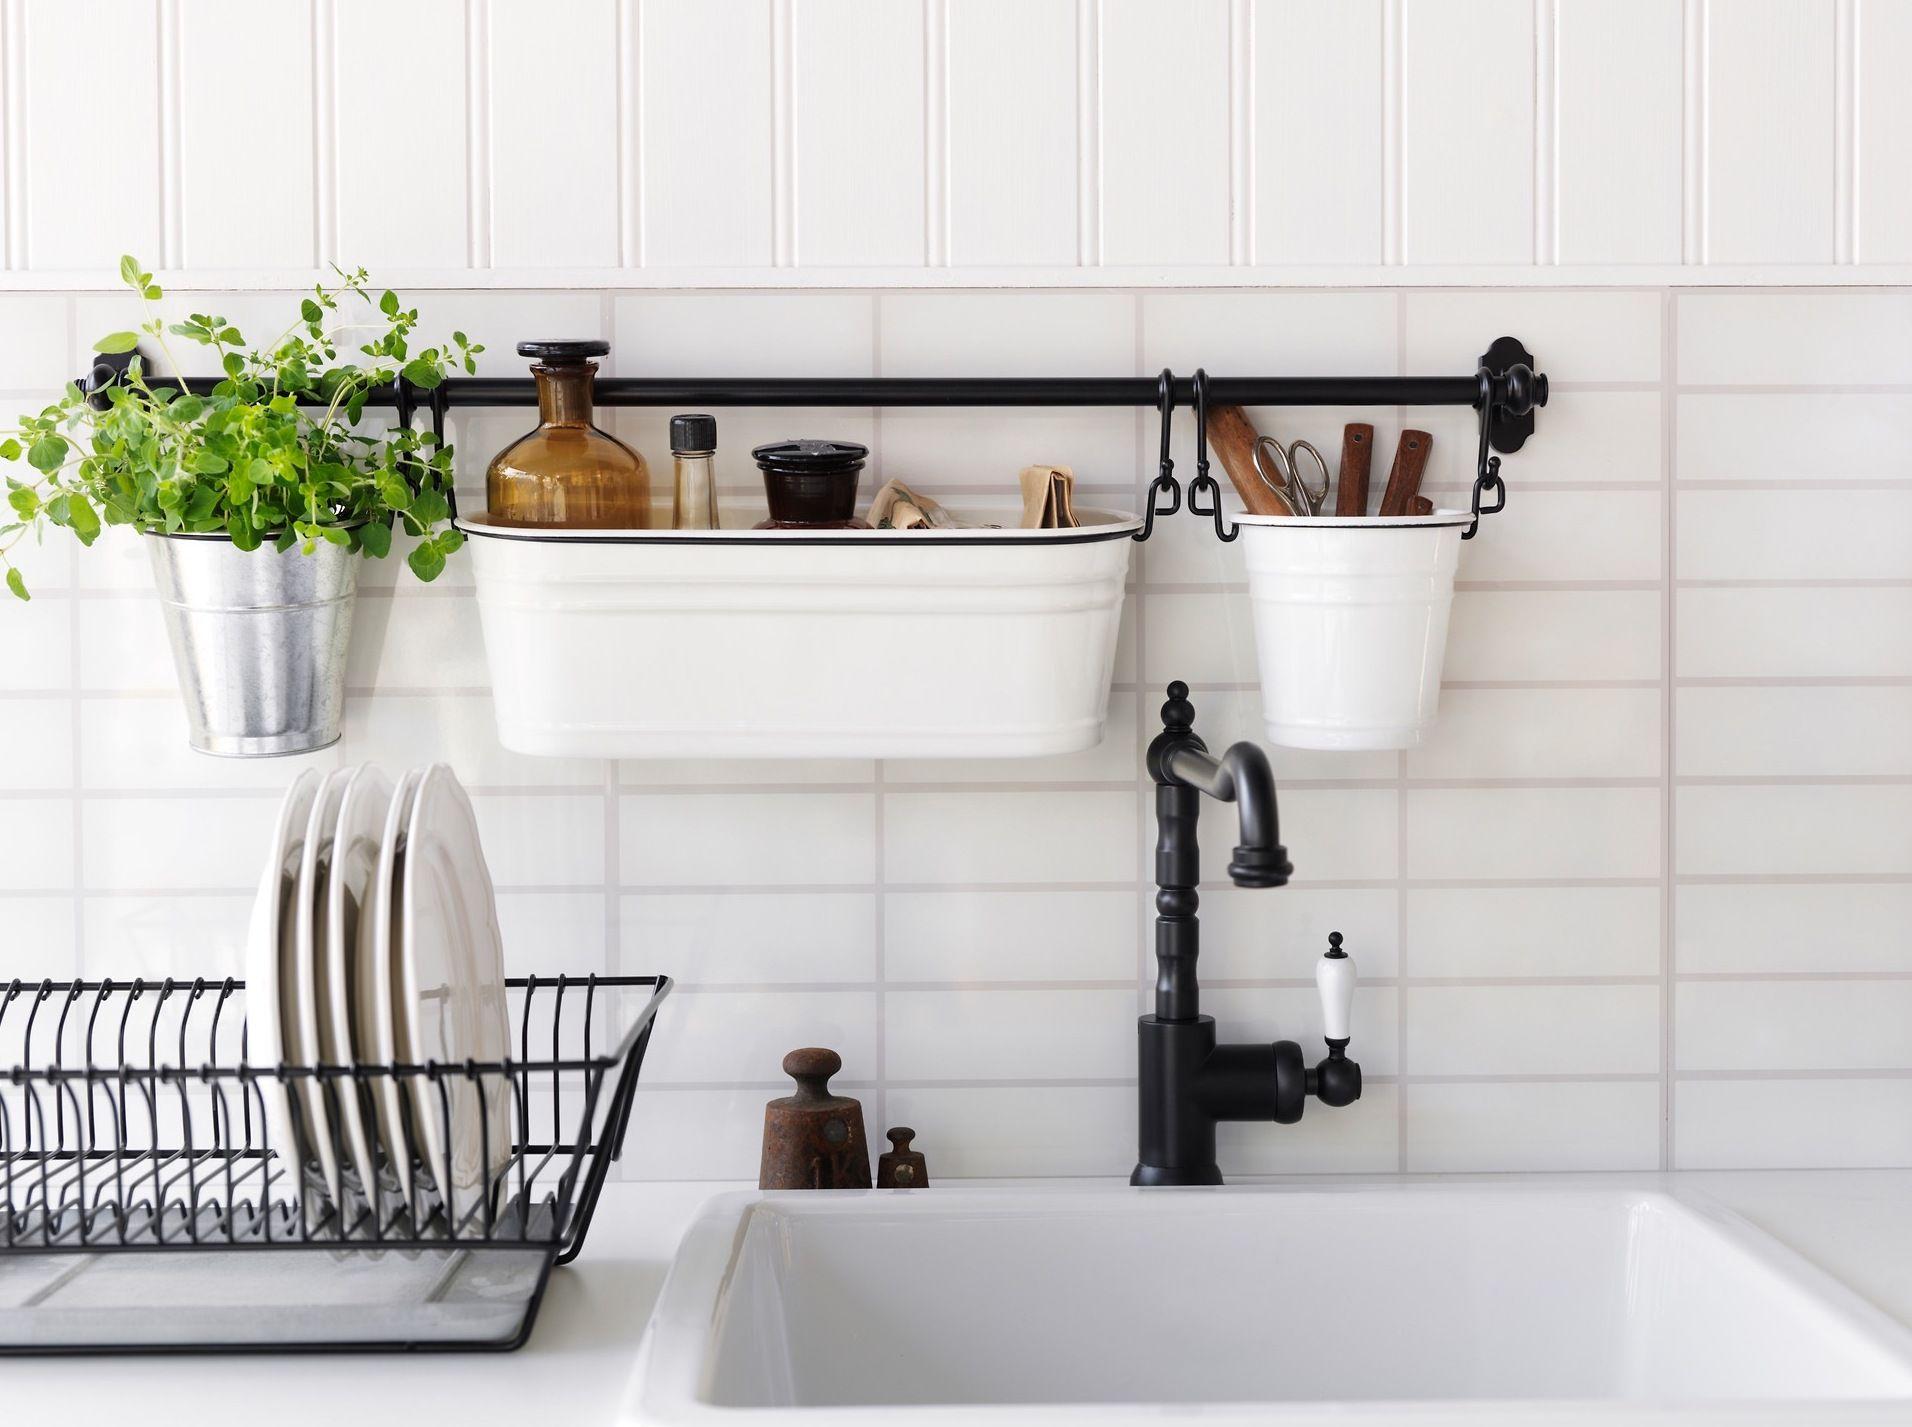 ikea kitchen inspiration wall storage